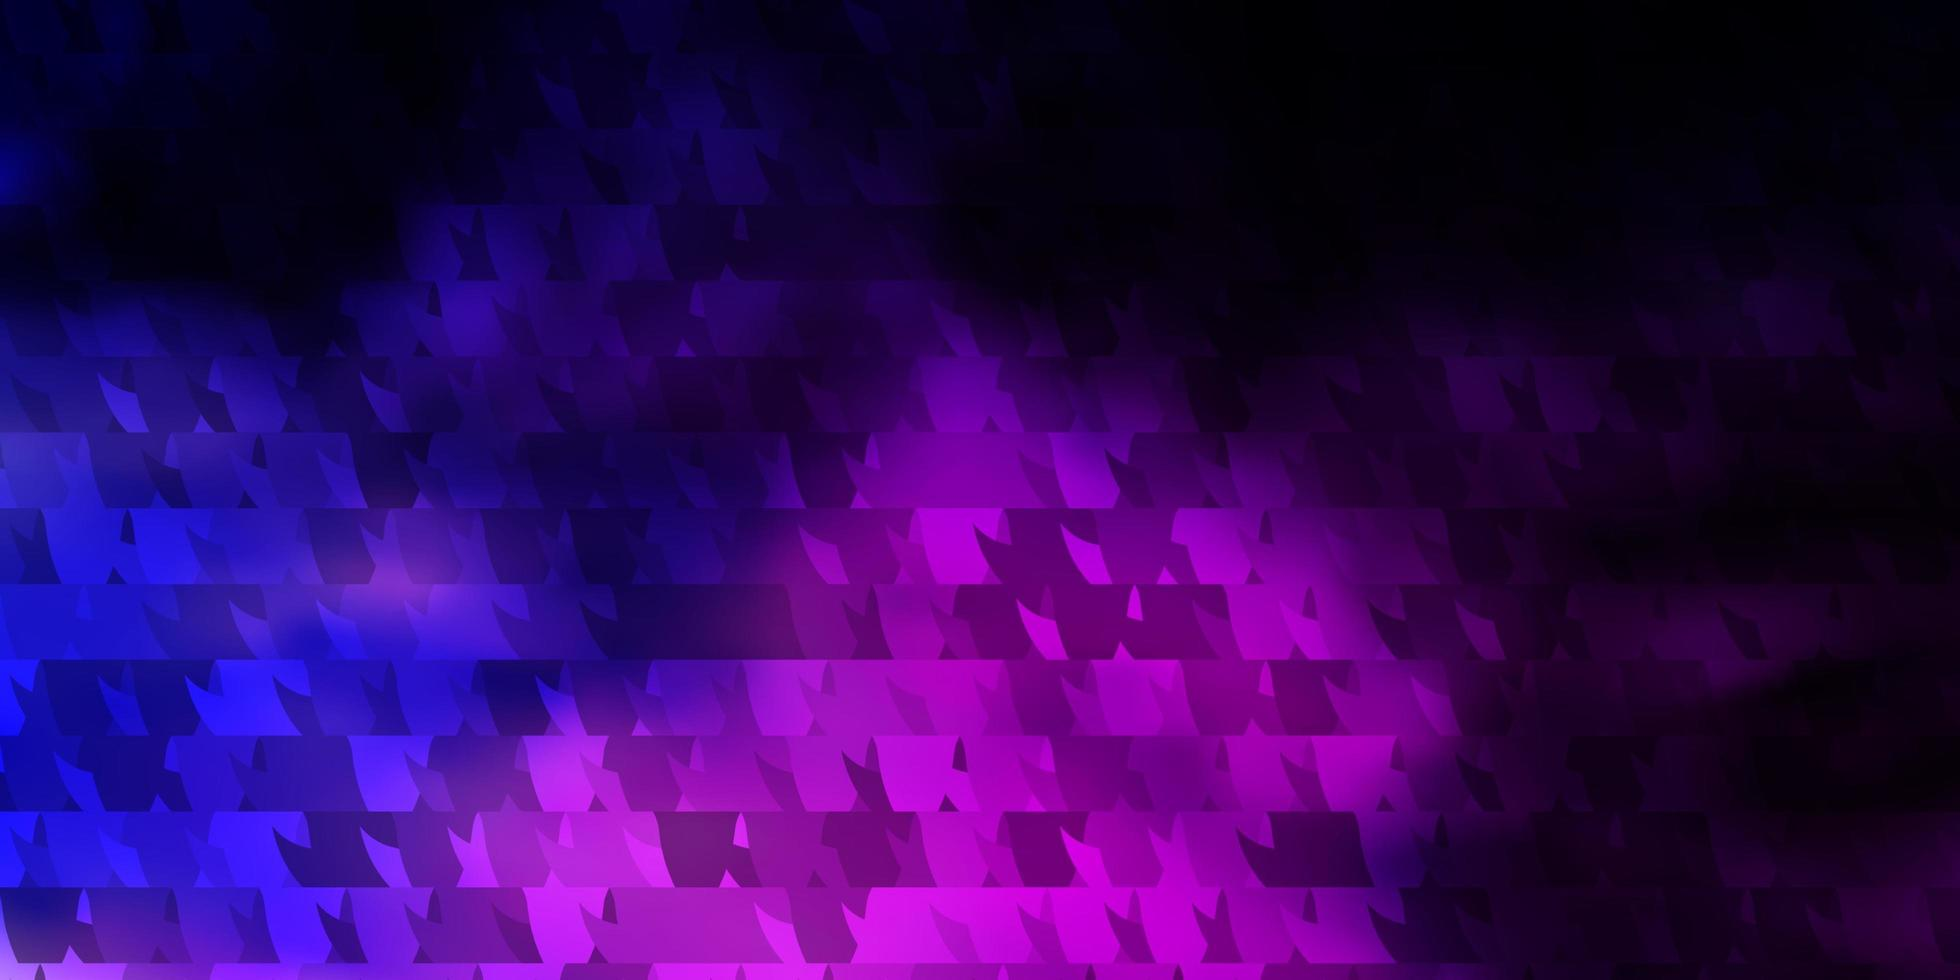 mörkrosa, blå bakgrund med linjer, trianglar. vektor